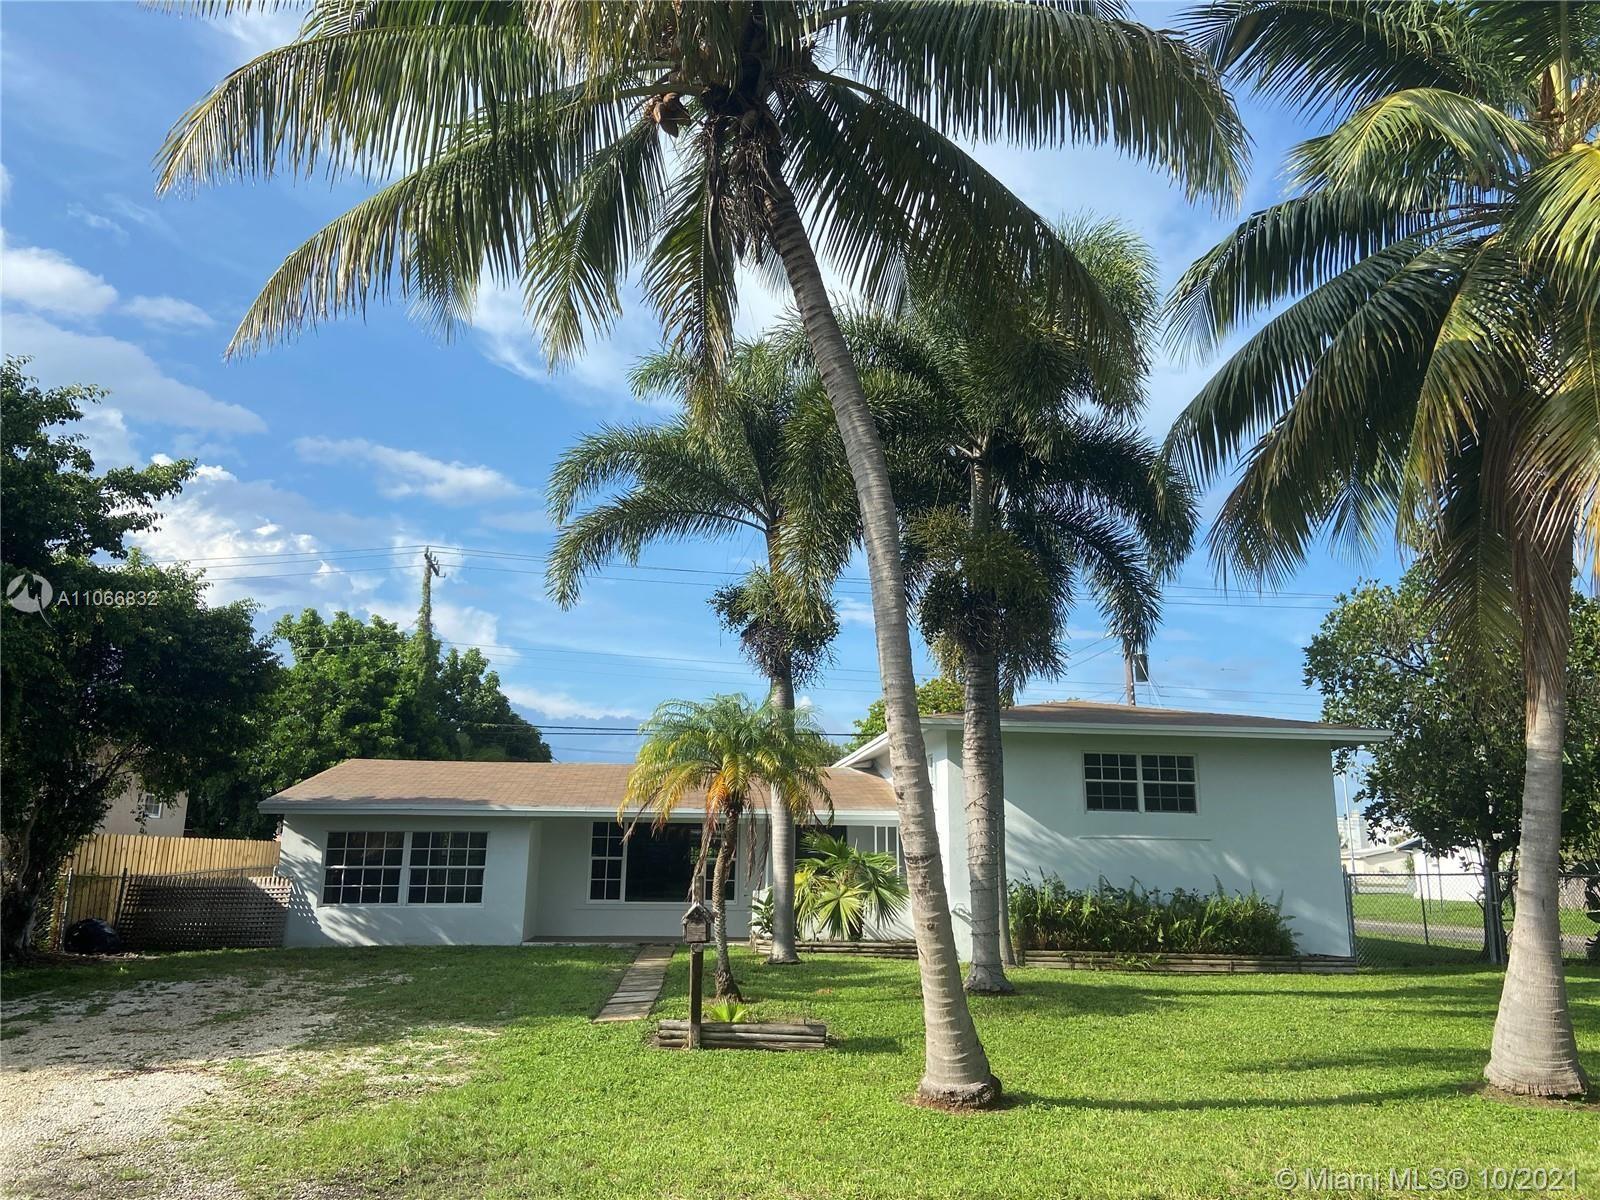 1275 NE 204th Ter, Miami, FL 33179 - #: A11066832